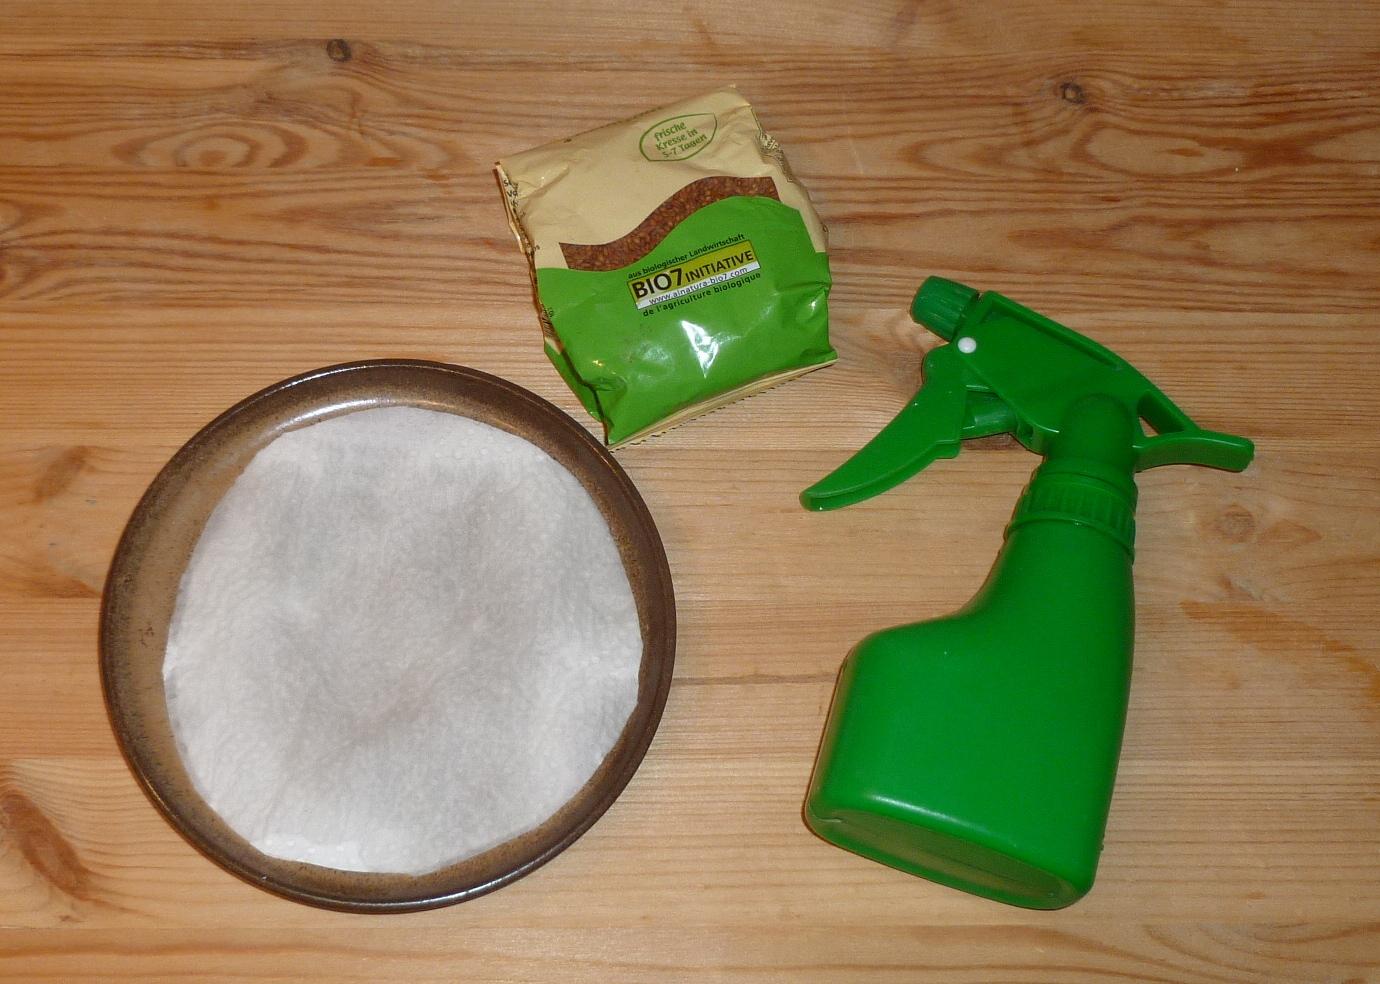 Keimprobe Material